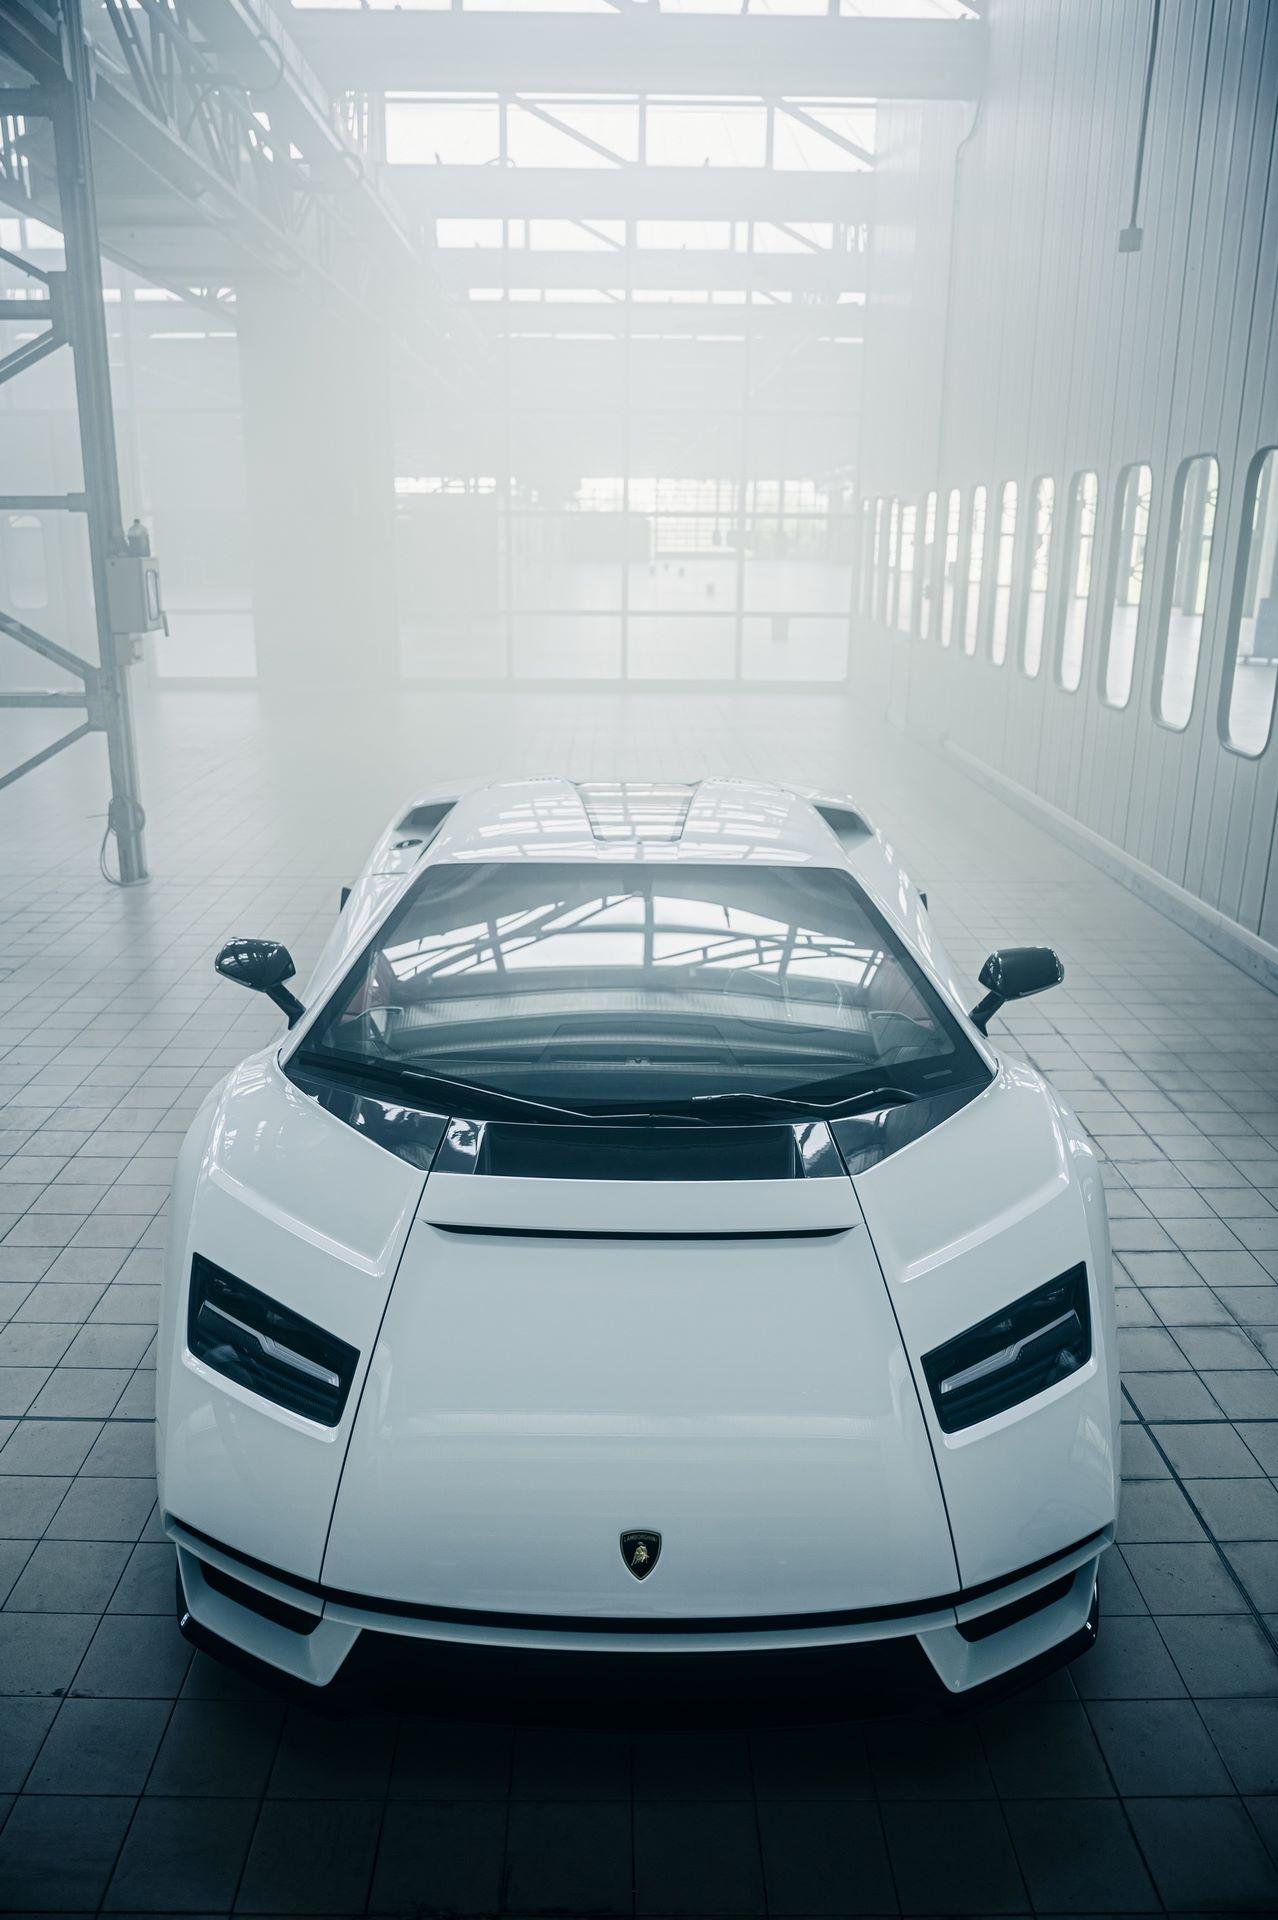 Lamborghini-Countach-LPI-800-4-49